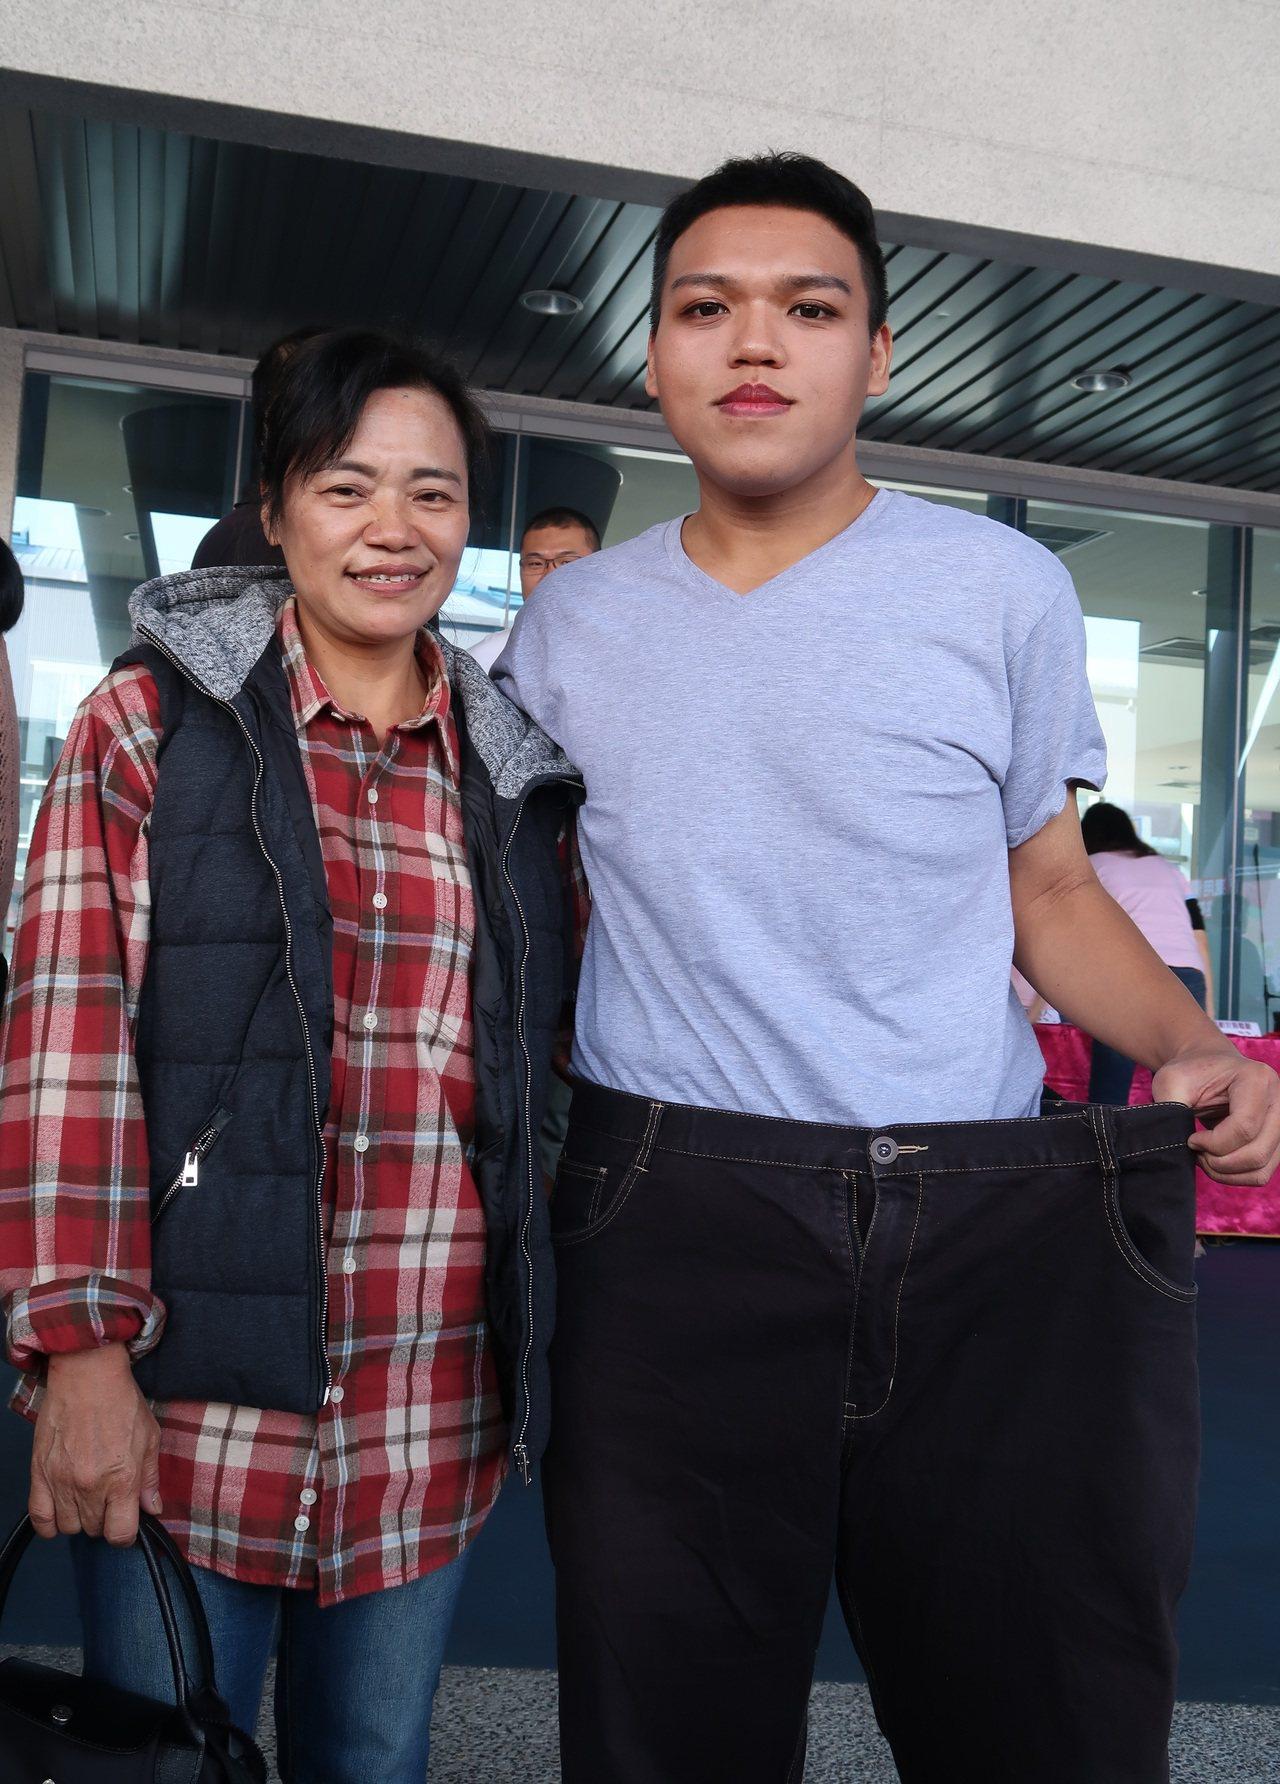 陳子威(右)和媽媽周鳳珠(左)一起減重,兩人都恢復輕盈體態。記者翁禎霞/攝影